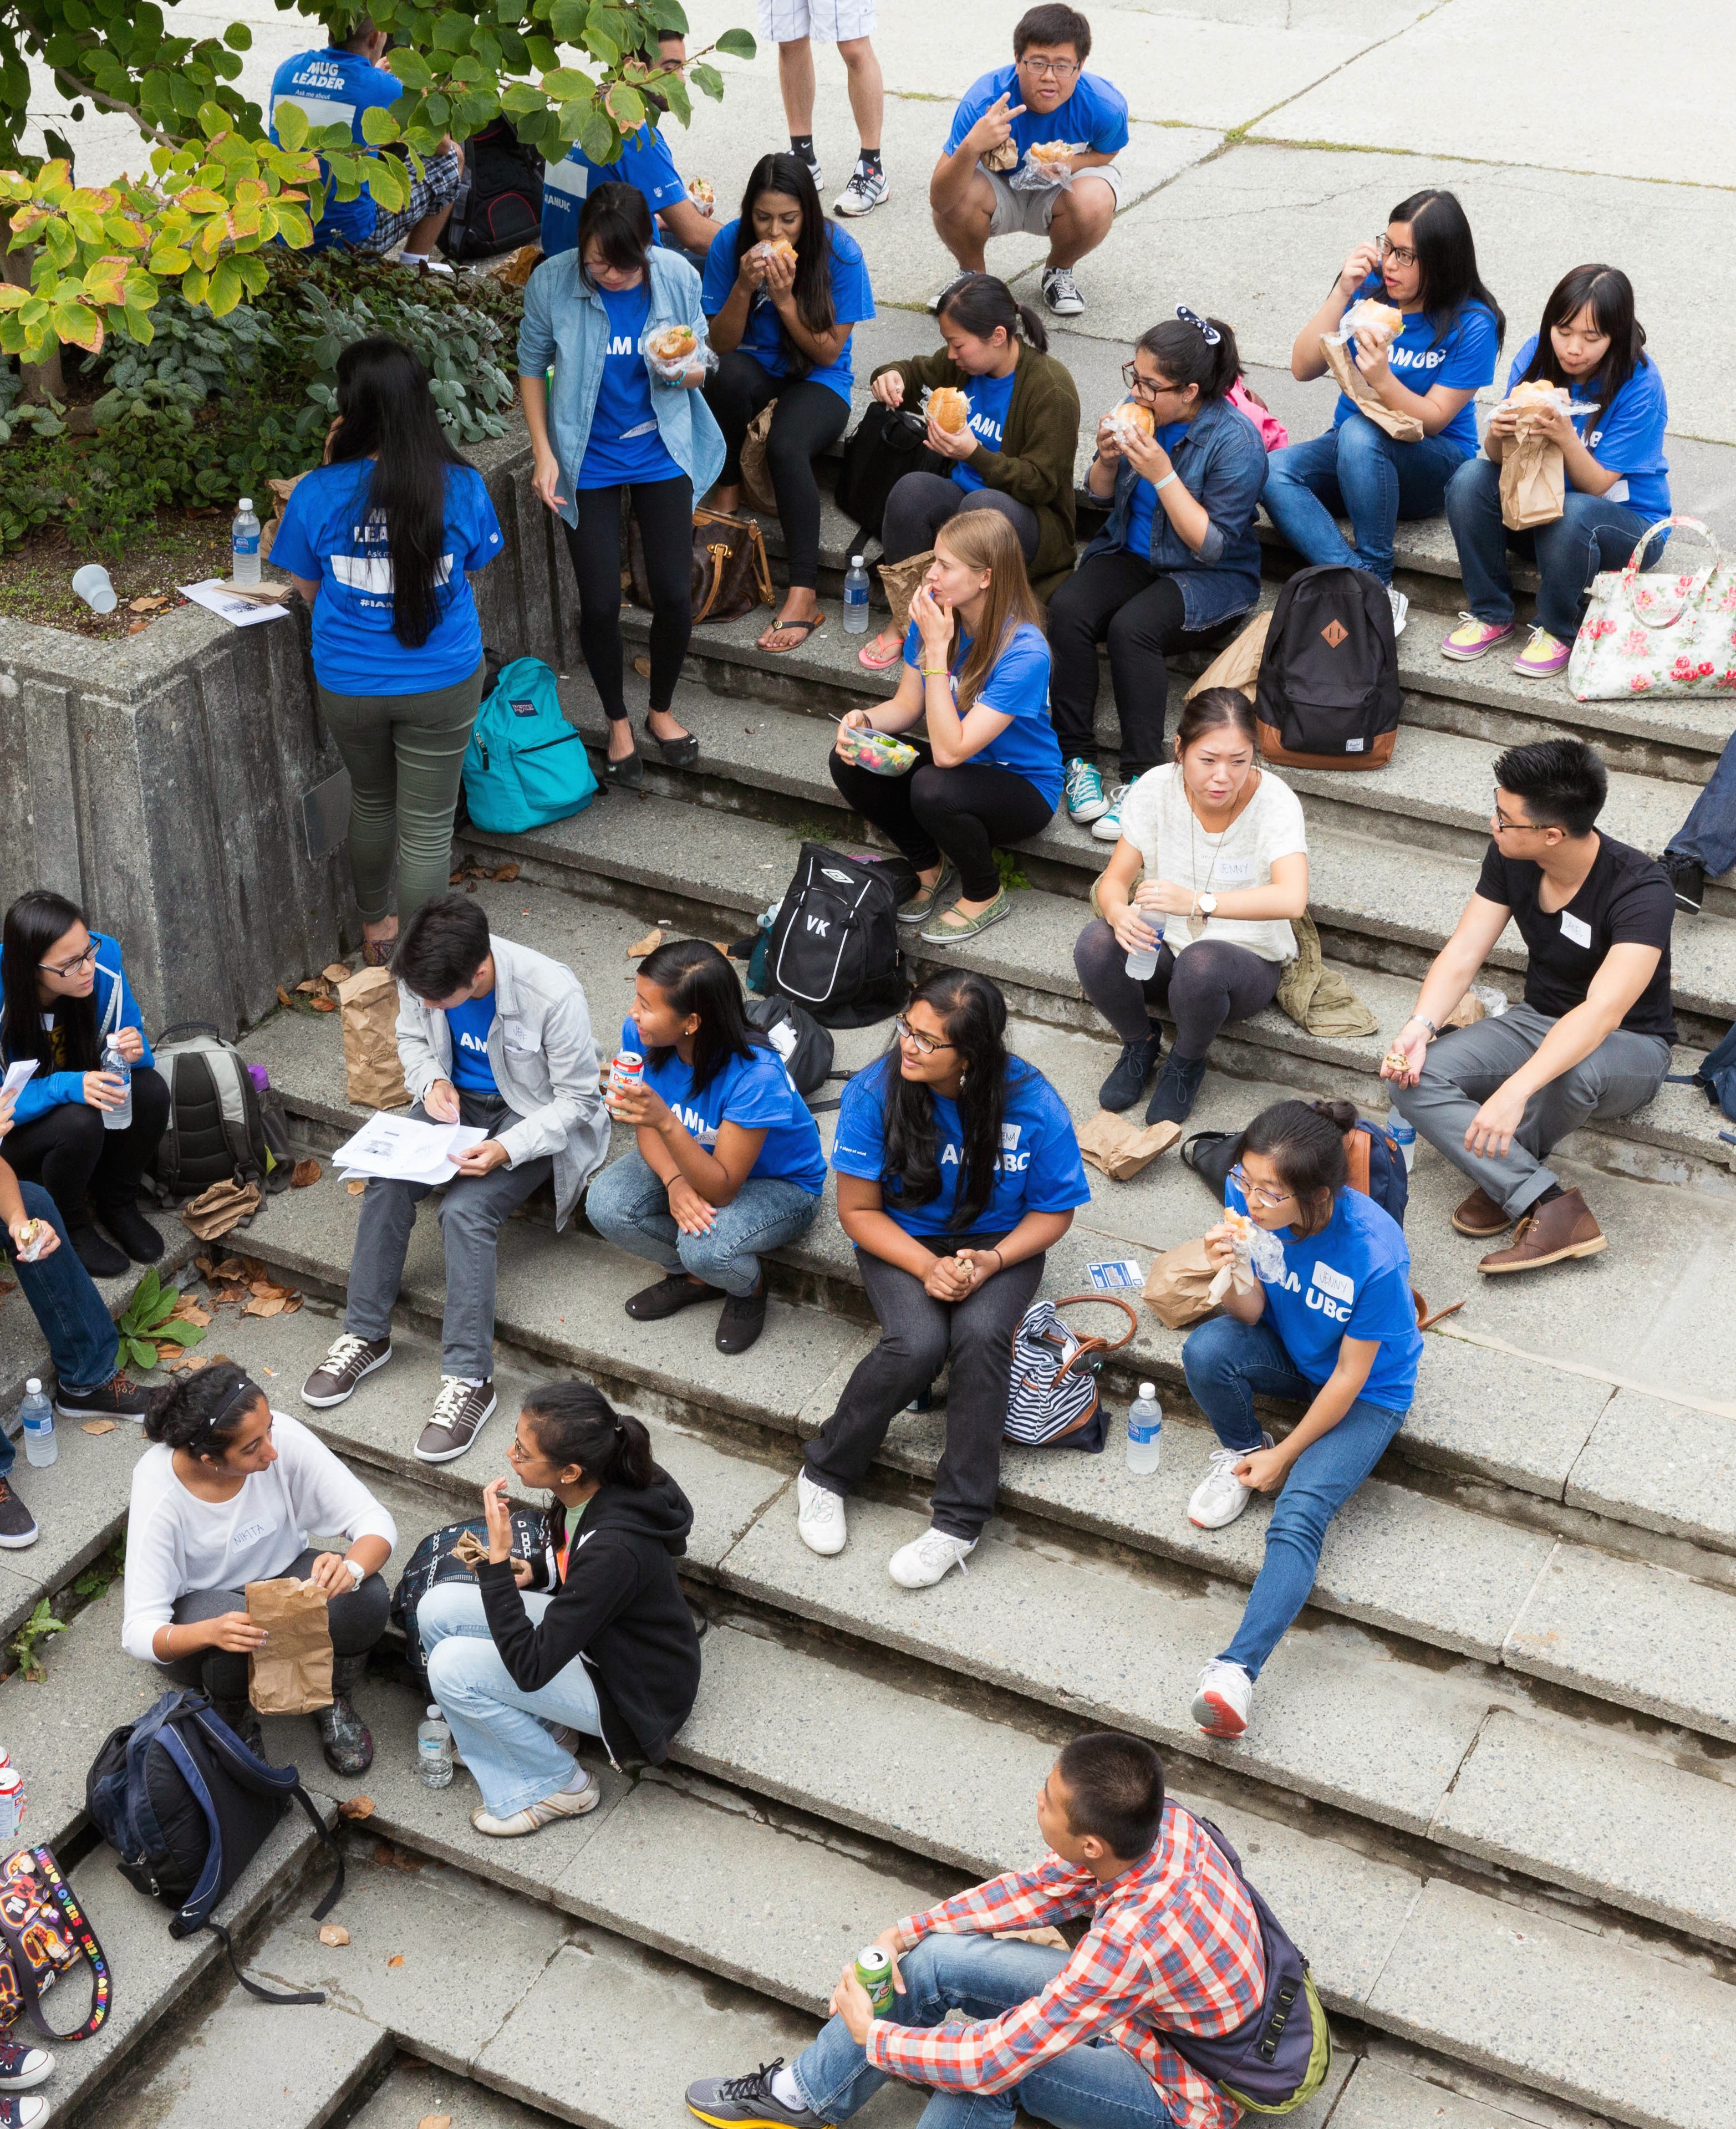 Groupe d'étudiants. (c) Ting